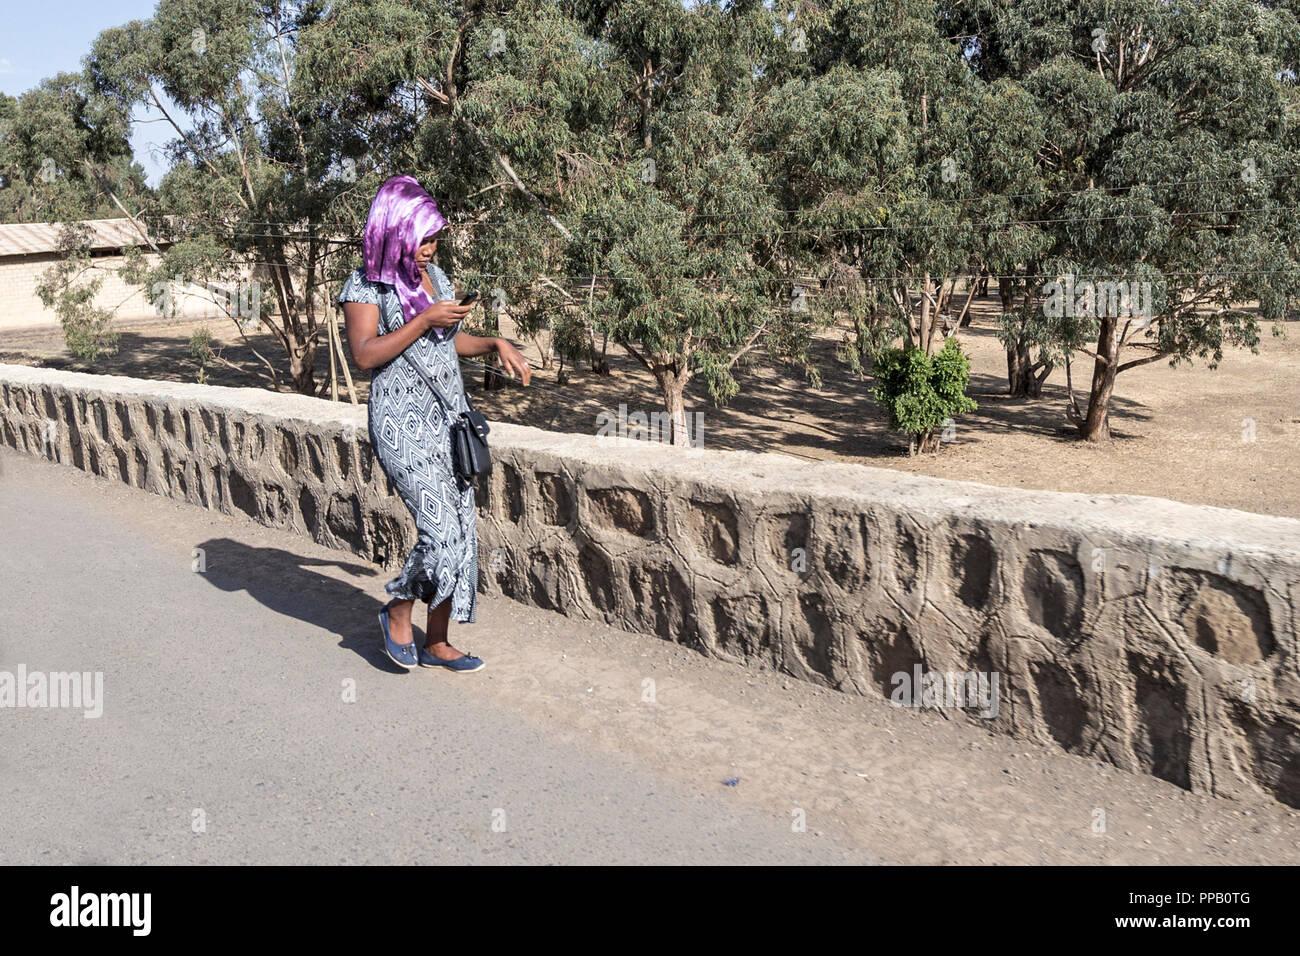 Villages, Amhara Region, Ethiopia, Mobile phone aware! - Stock Image